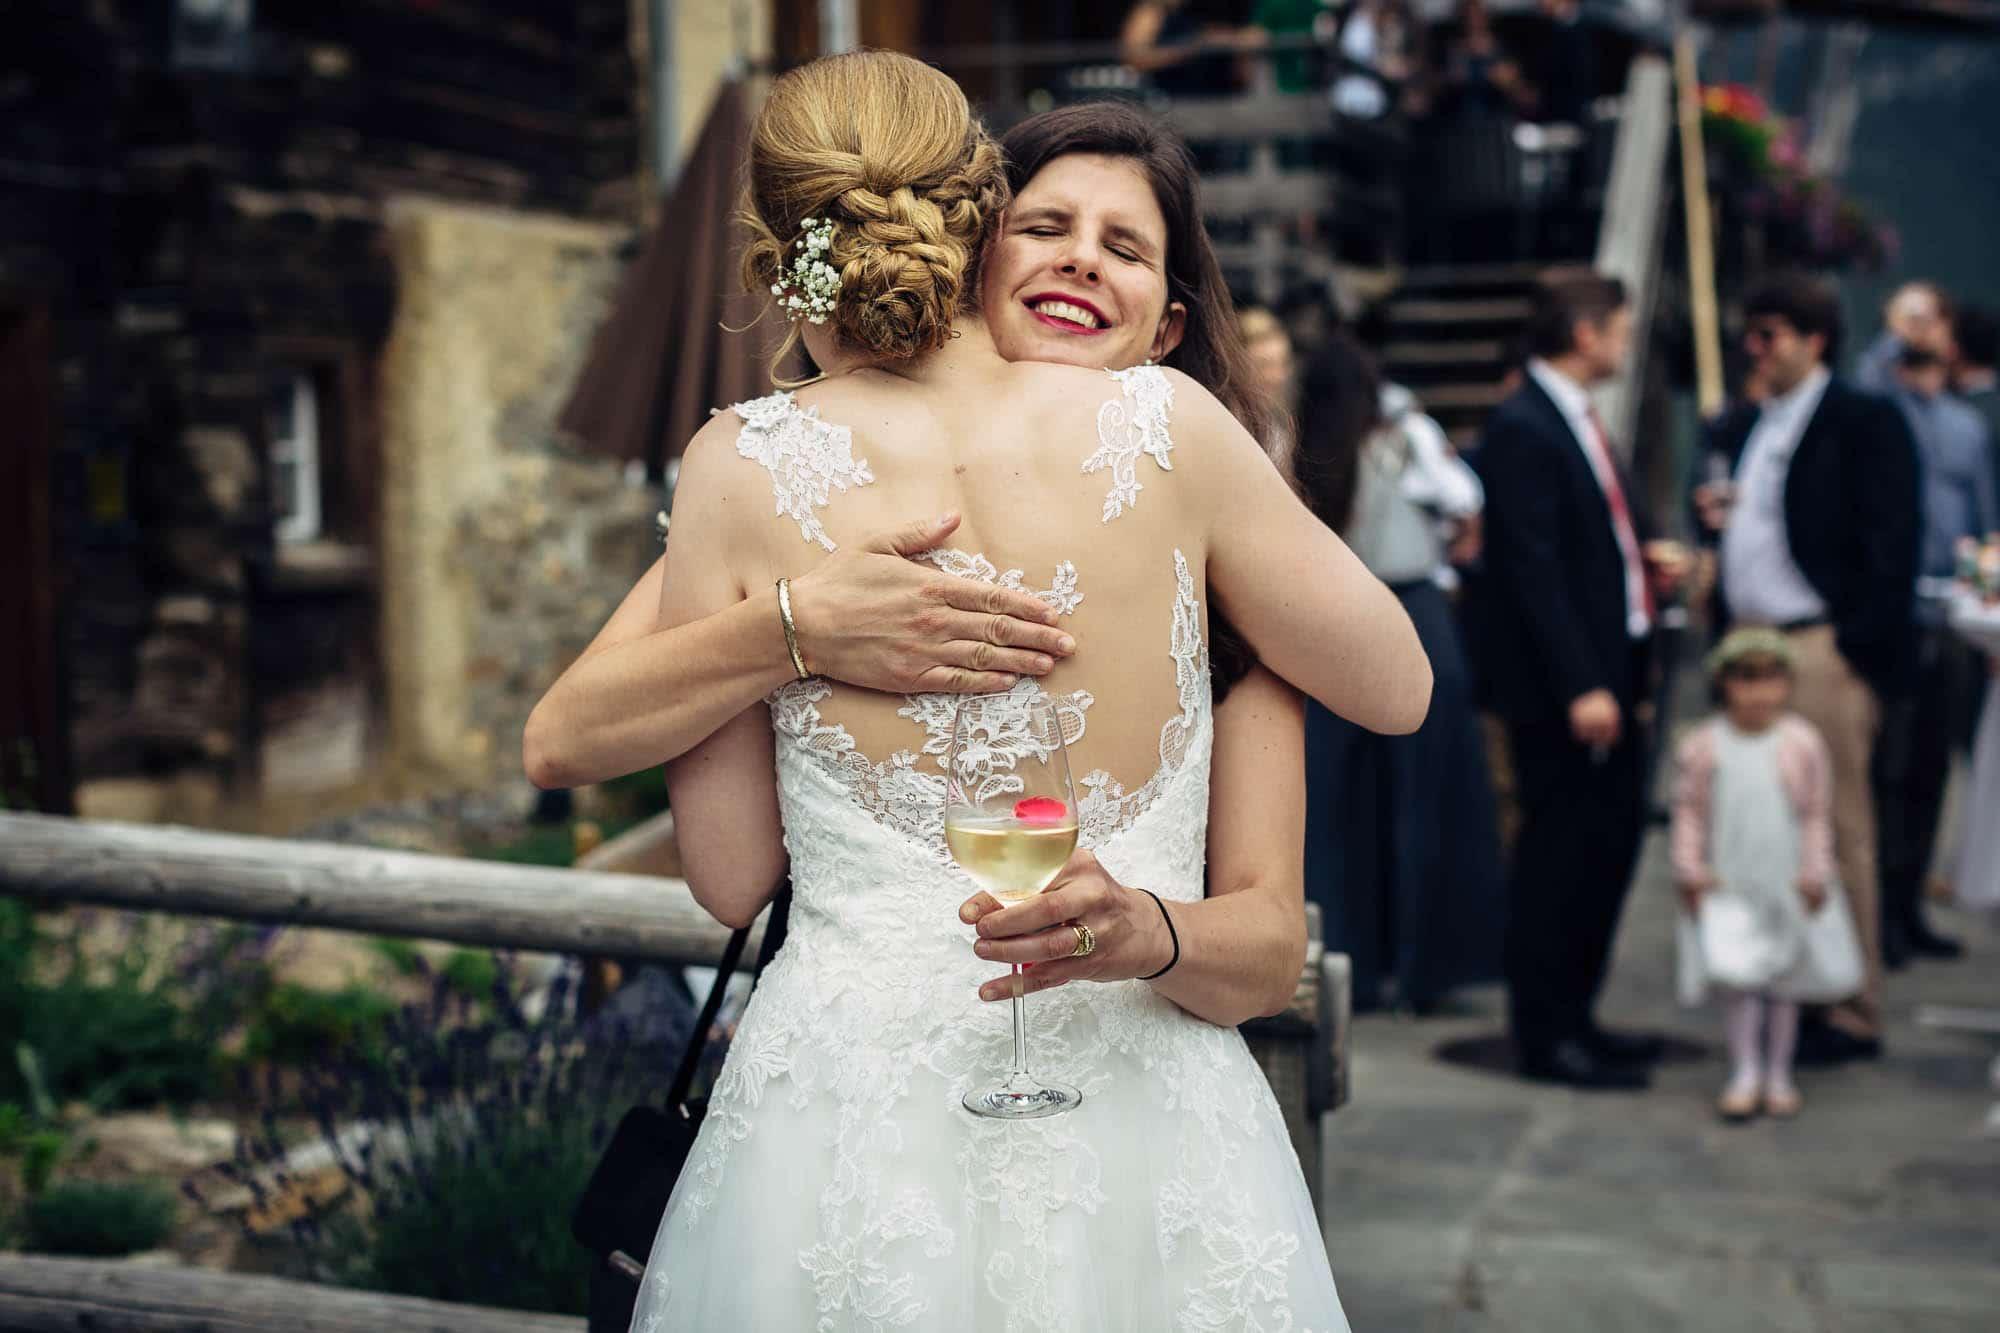 Braut wird bei Gratulation umarmt